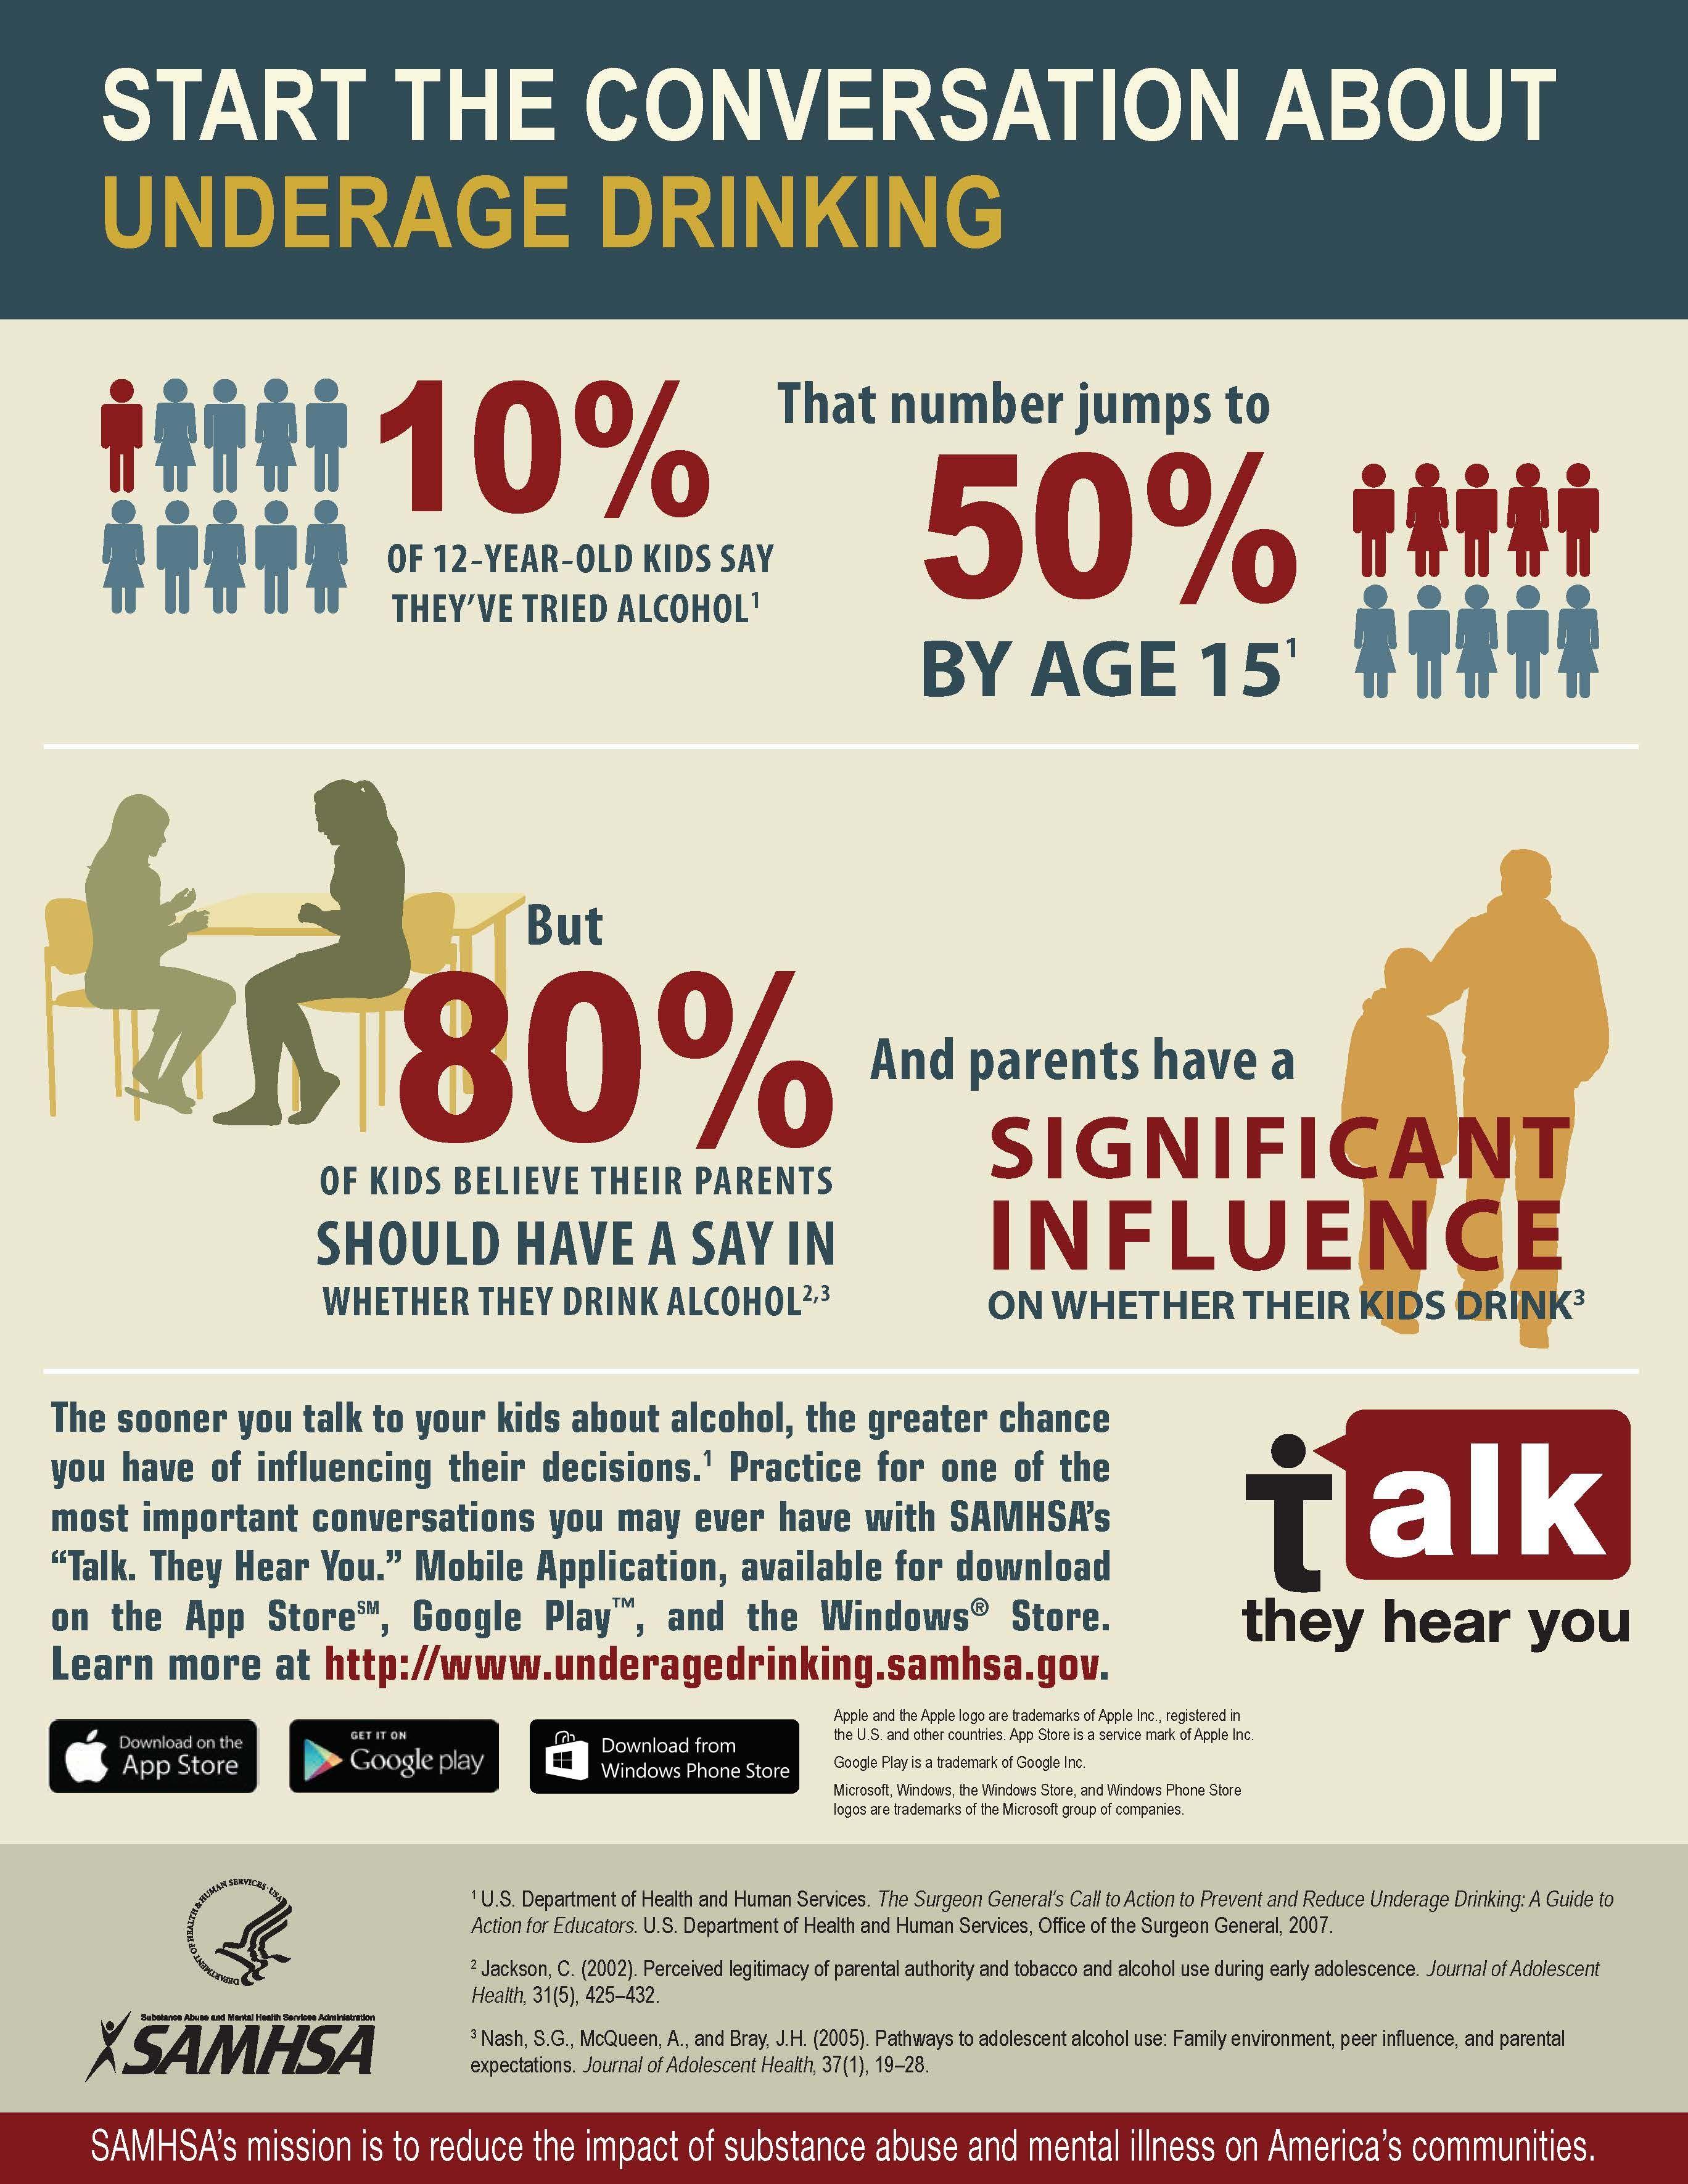 Start The Conversation About Underage Drinking